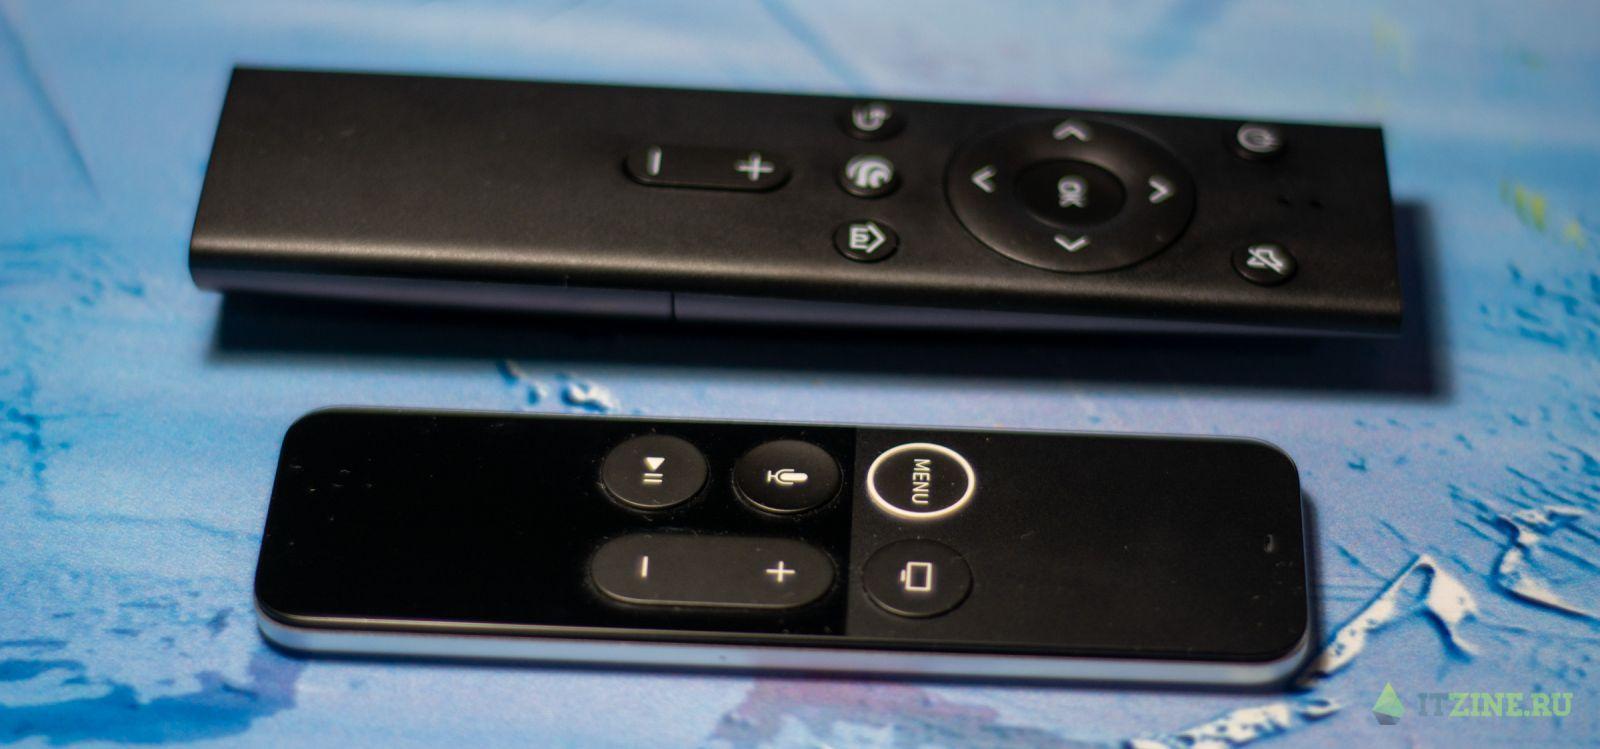 Обзор SberBox: три ассистента для одного телевизора (DSC 9718)